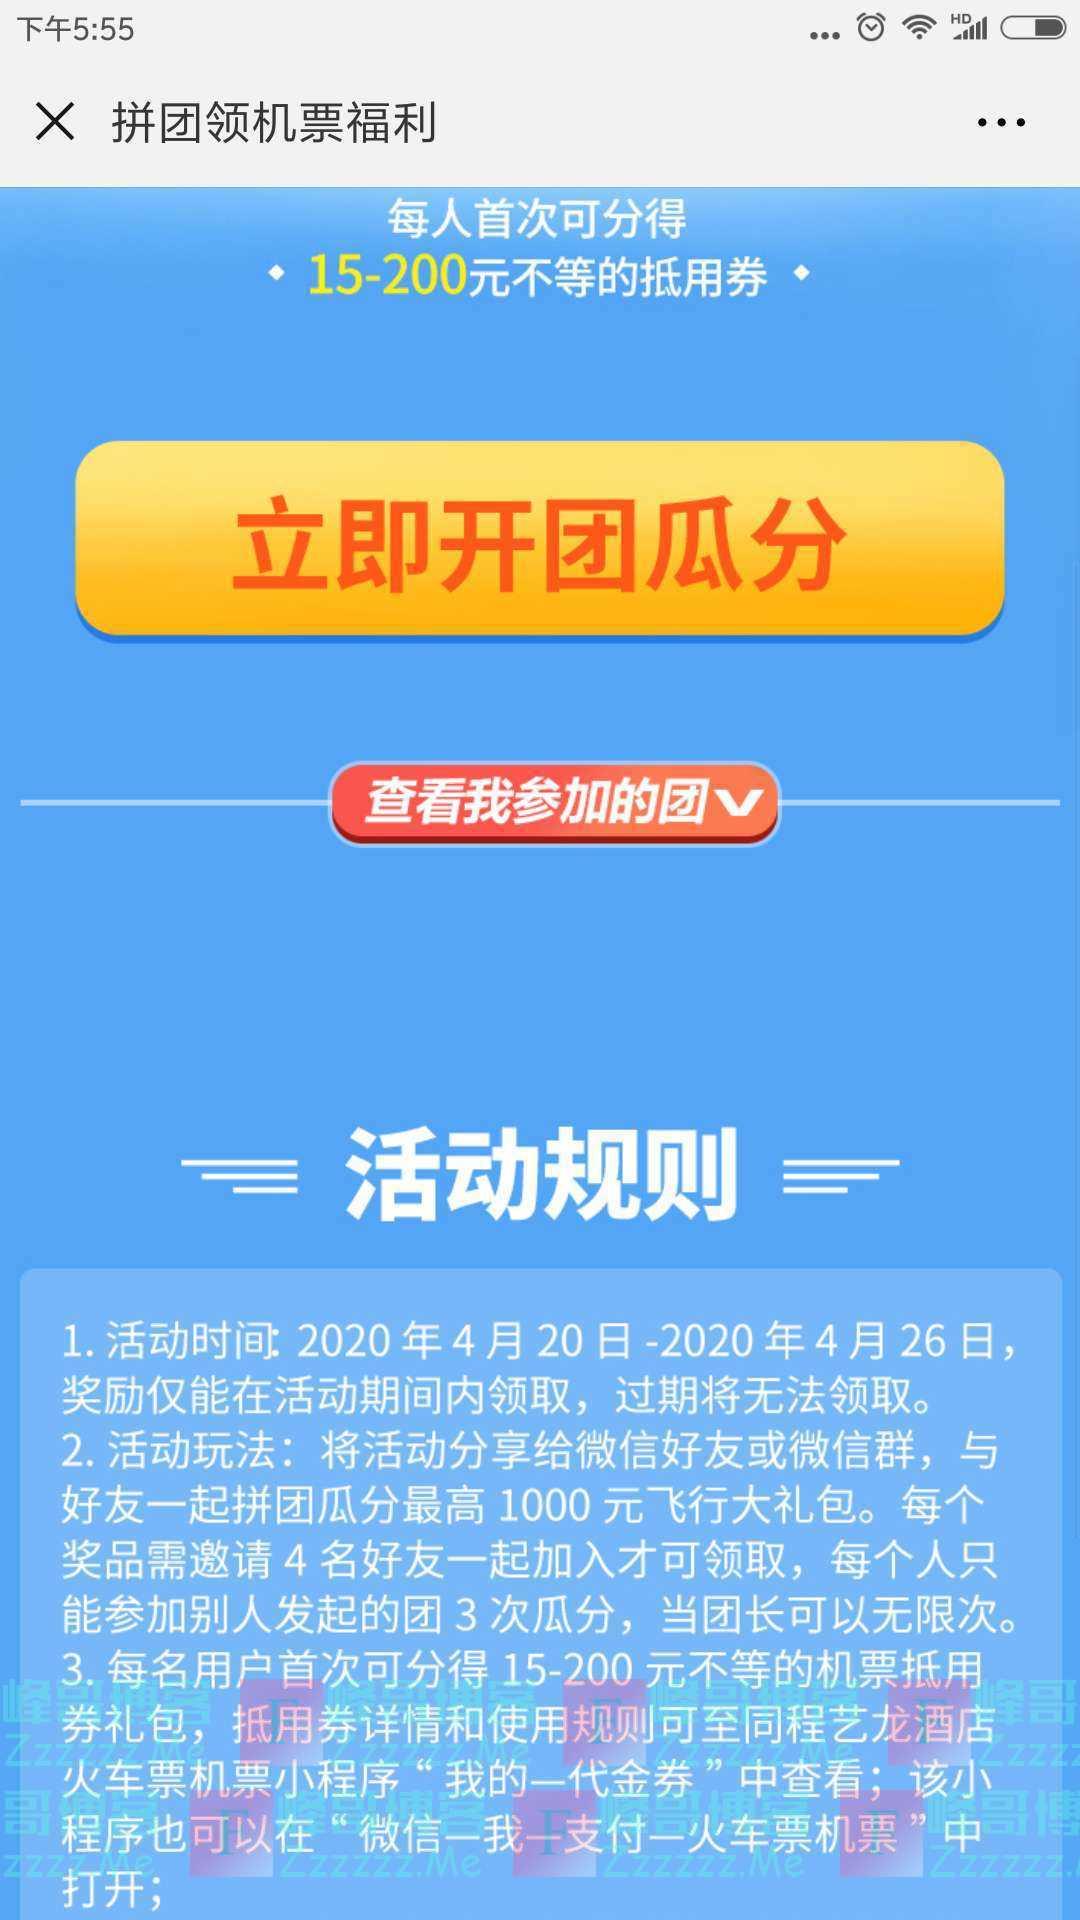 同程机票拼团领机票福利(截止4月26日)